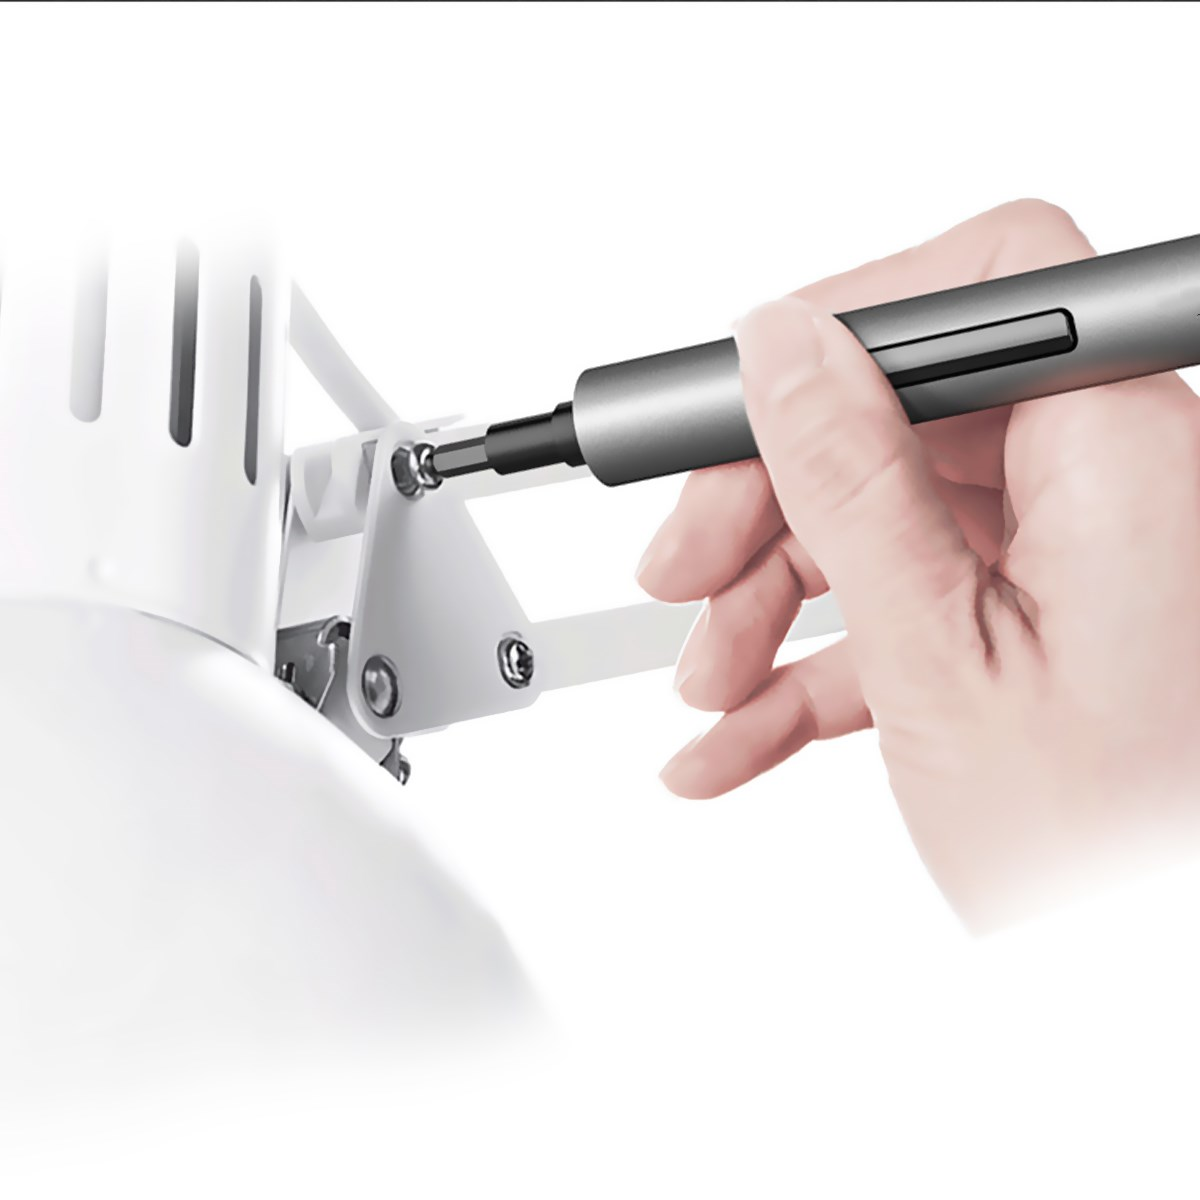 1F Pro мини электрическая отвертка аккумуляторный Аккумуляторный шуруповерт отвертка комплект светодиодный свет литиевая батарея для Wowstick